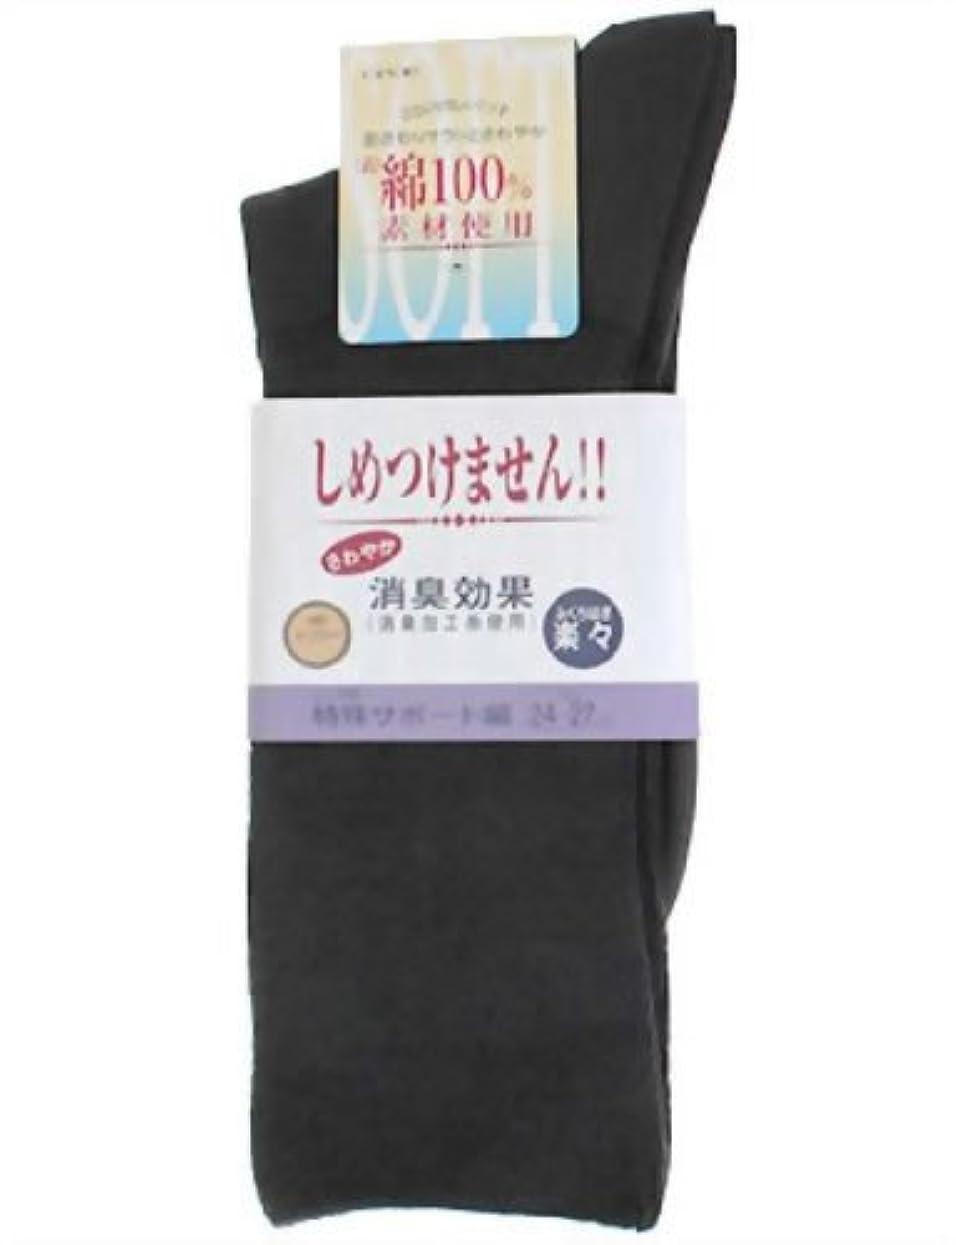 リーチ拮抗小麦コベス 紳士用 ふくらはぎ楽らくソックス(綿混) ダークグレー 24-27cm